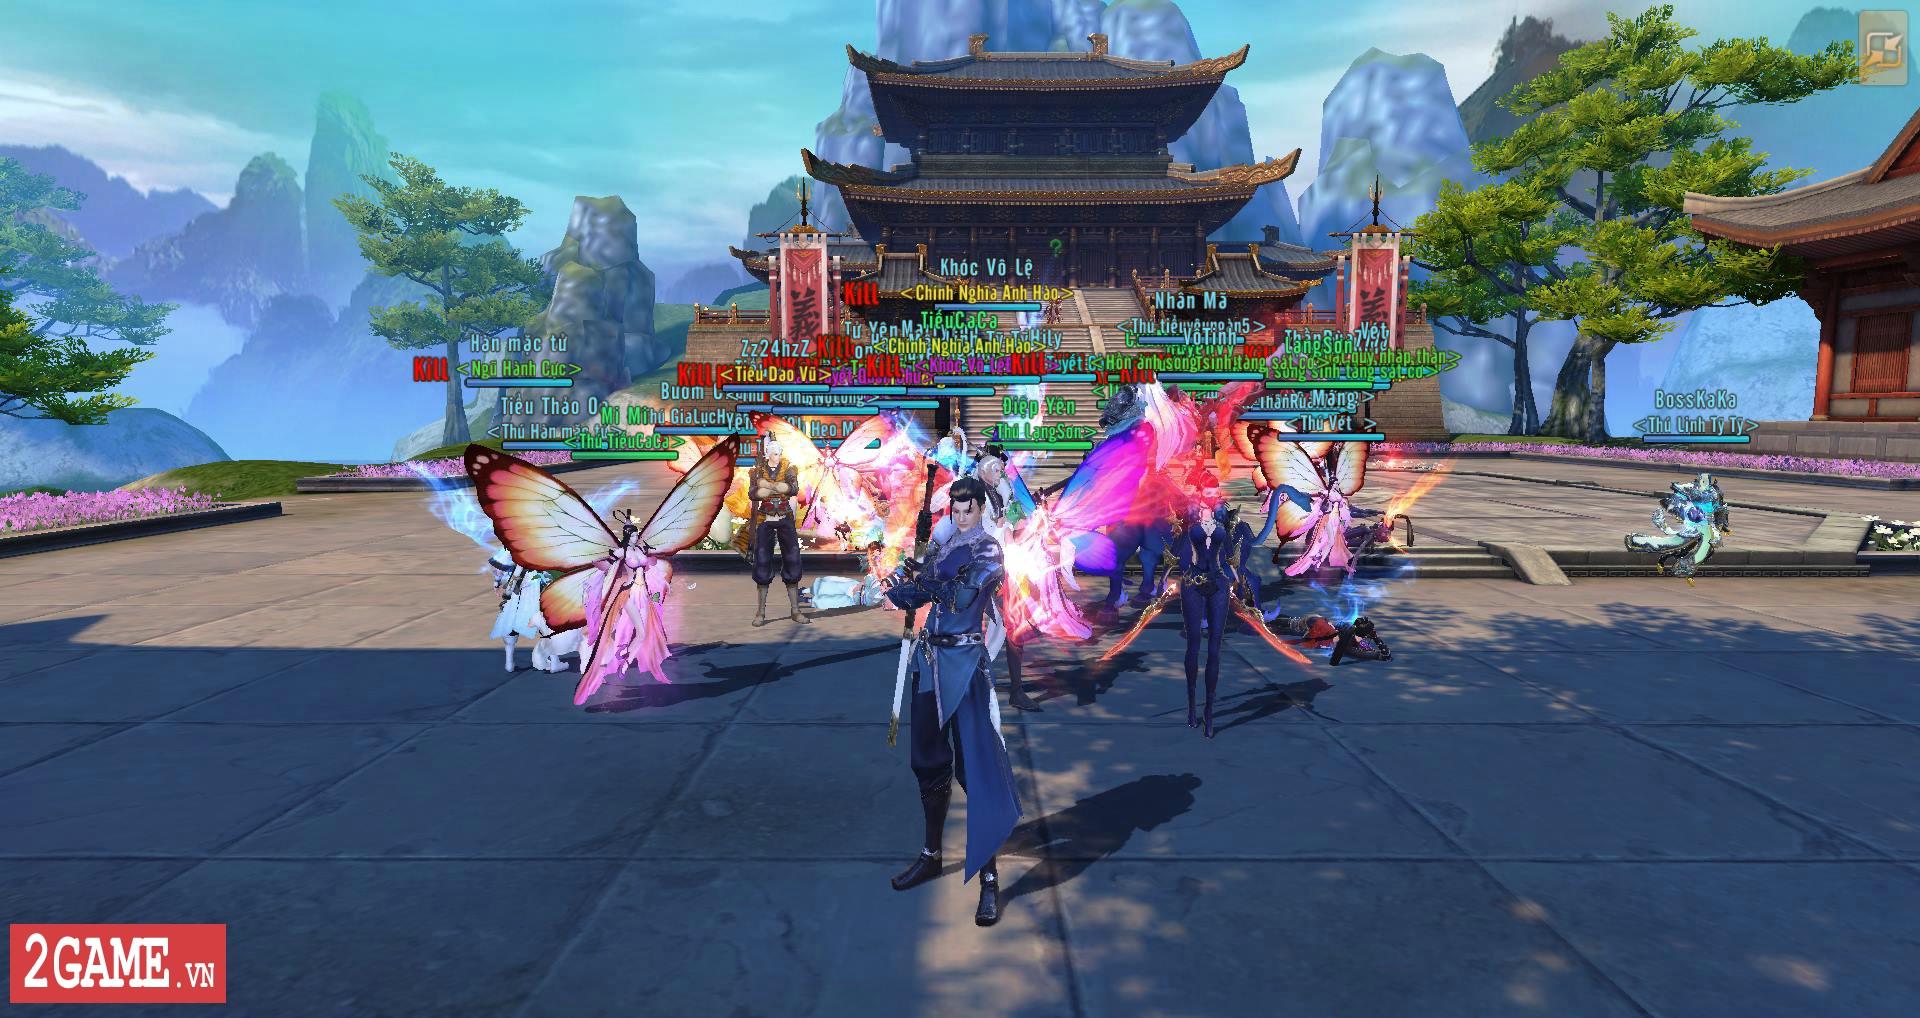 Hệ thống Pet trong Thiên Hạ 3D không chỉ đẹp mà còn ẩn chứa sức mạnh khủng khiếp nữa! 5